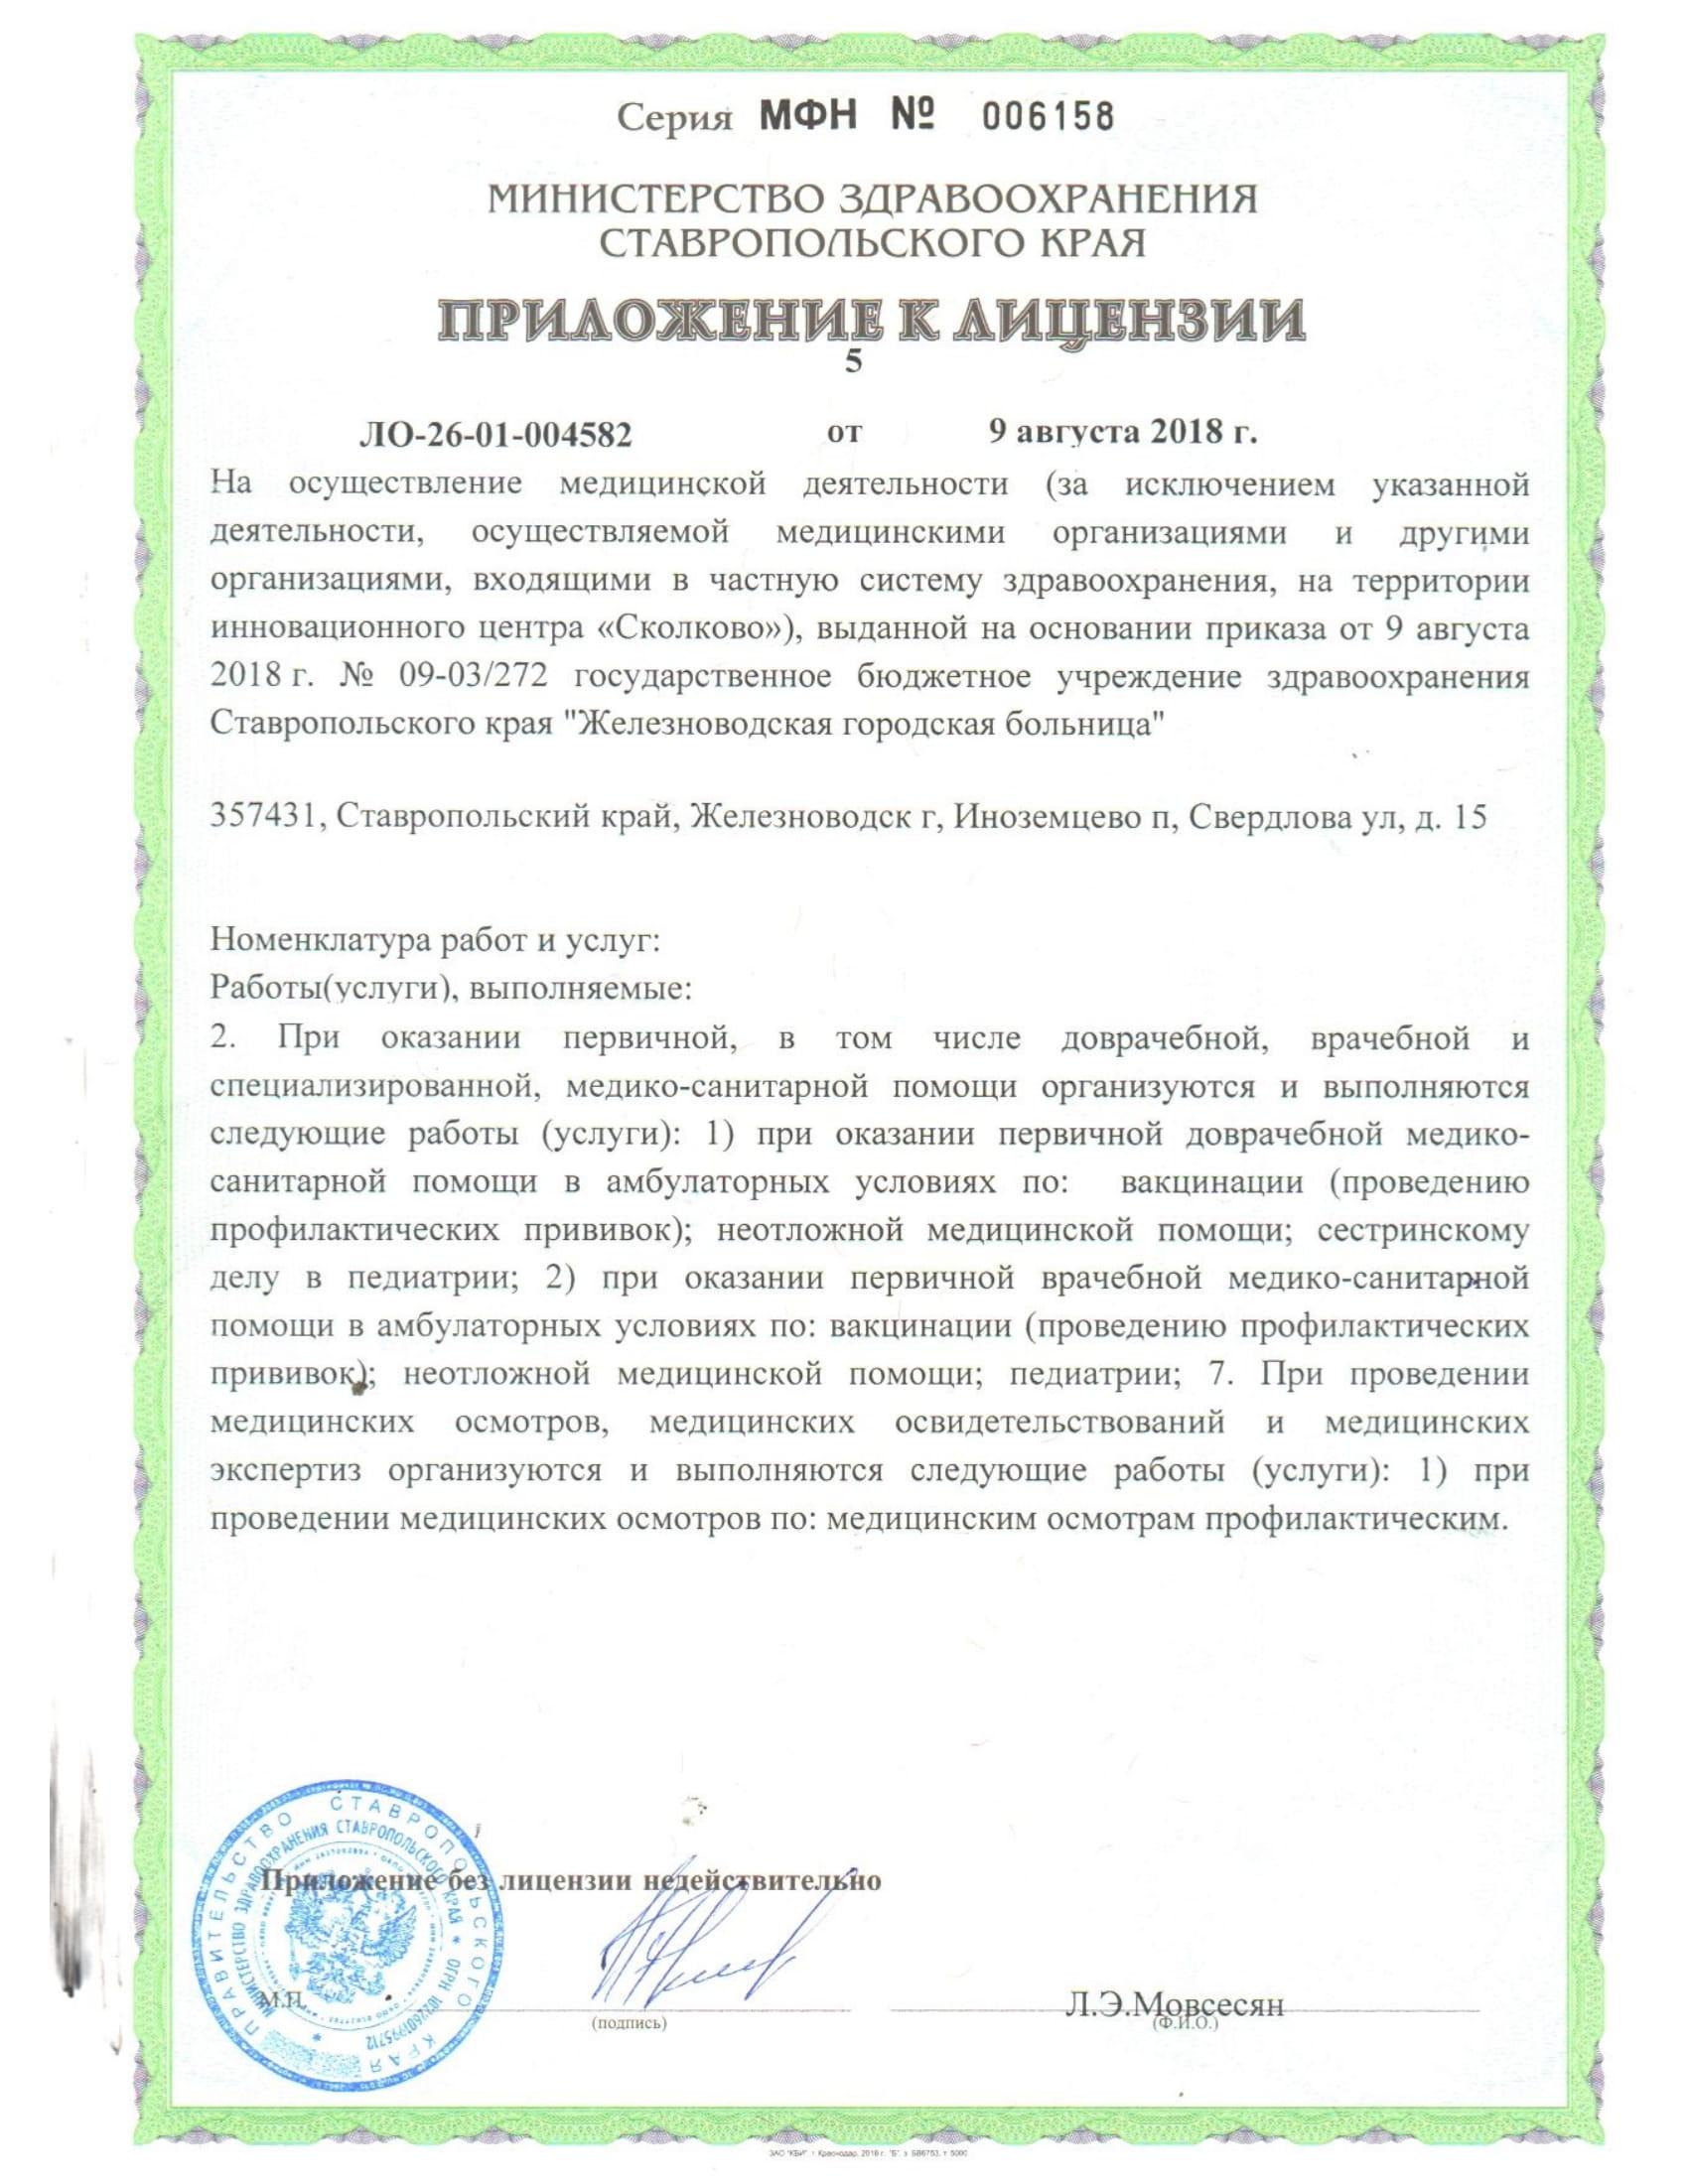 лицензия 2018 от 09.08.2018-08